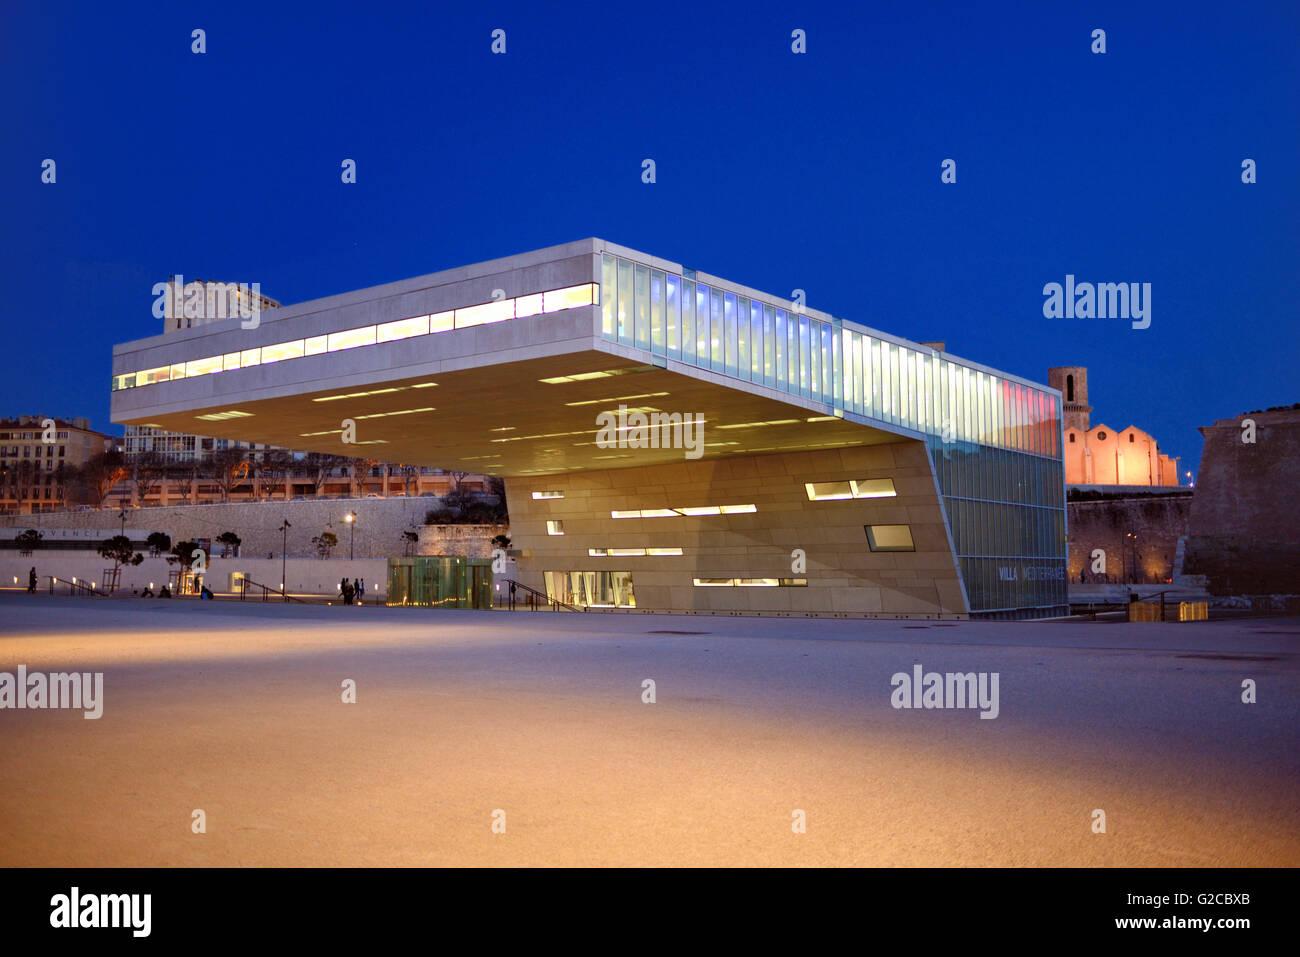 Moderne Architektur der Villa Mediterranée Konferenzzentrum Designed by Stefano Boeri (2013) bei Dämmerung Stockbild